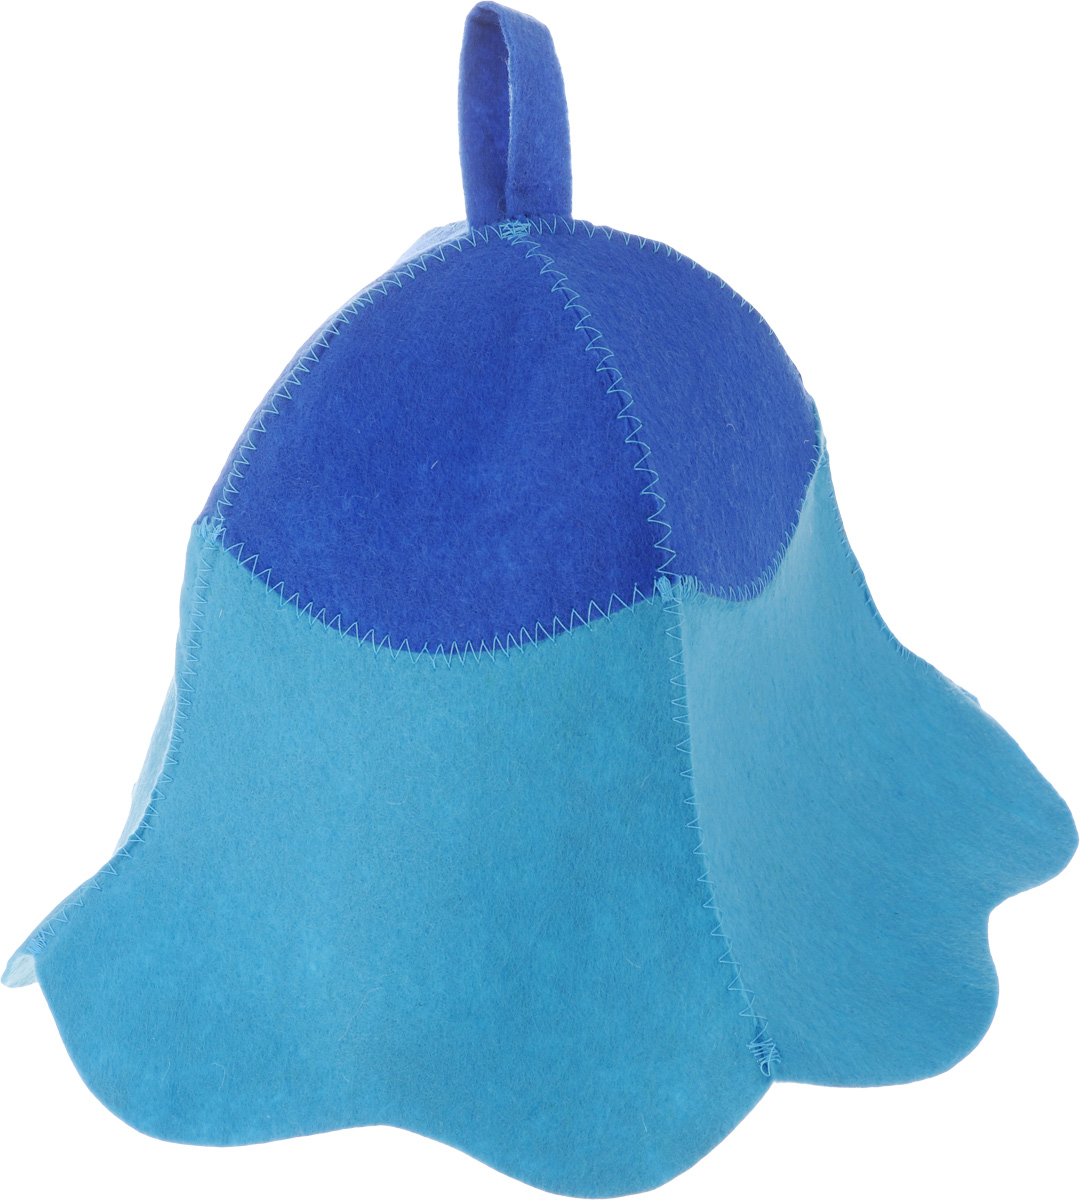 Шапка для бани и сауны Доктор баня Дюймовочка, цвет: голубой, синийRSP-202SШапка для бани и сауны Доктор баня Дюймовочка изготовлена из фильца (100% полиэстер) - нетканого полотна. Это незаменимый аксессуар для любителей попариться в русской бане и для тех, кто предпочитает сухой жар финской бани. Необычный дизайн изделия поможет сделать ваш отдых более приятным и разнообразным. При правильном уходе шапка прослужит долгое время - достаточно просушивать ее, подвешивая за петельку.Диаметр шапки по нижнему краю: 37 см.Высота шапки: 25 см.